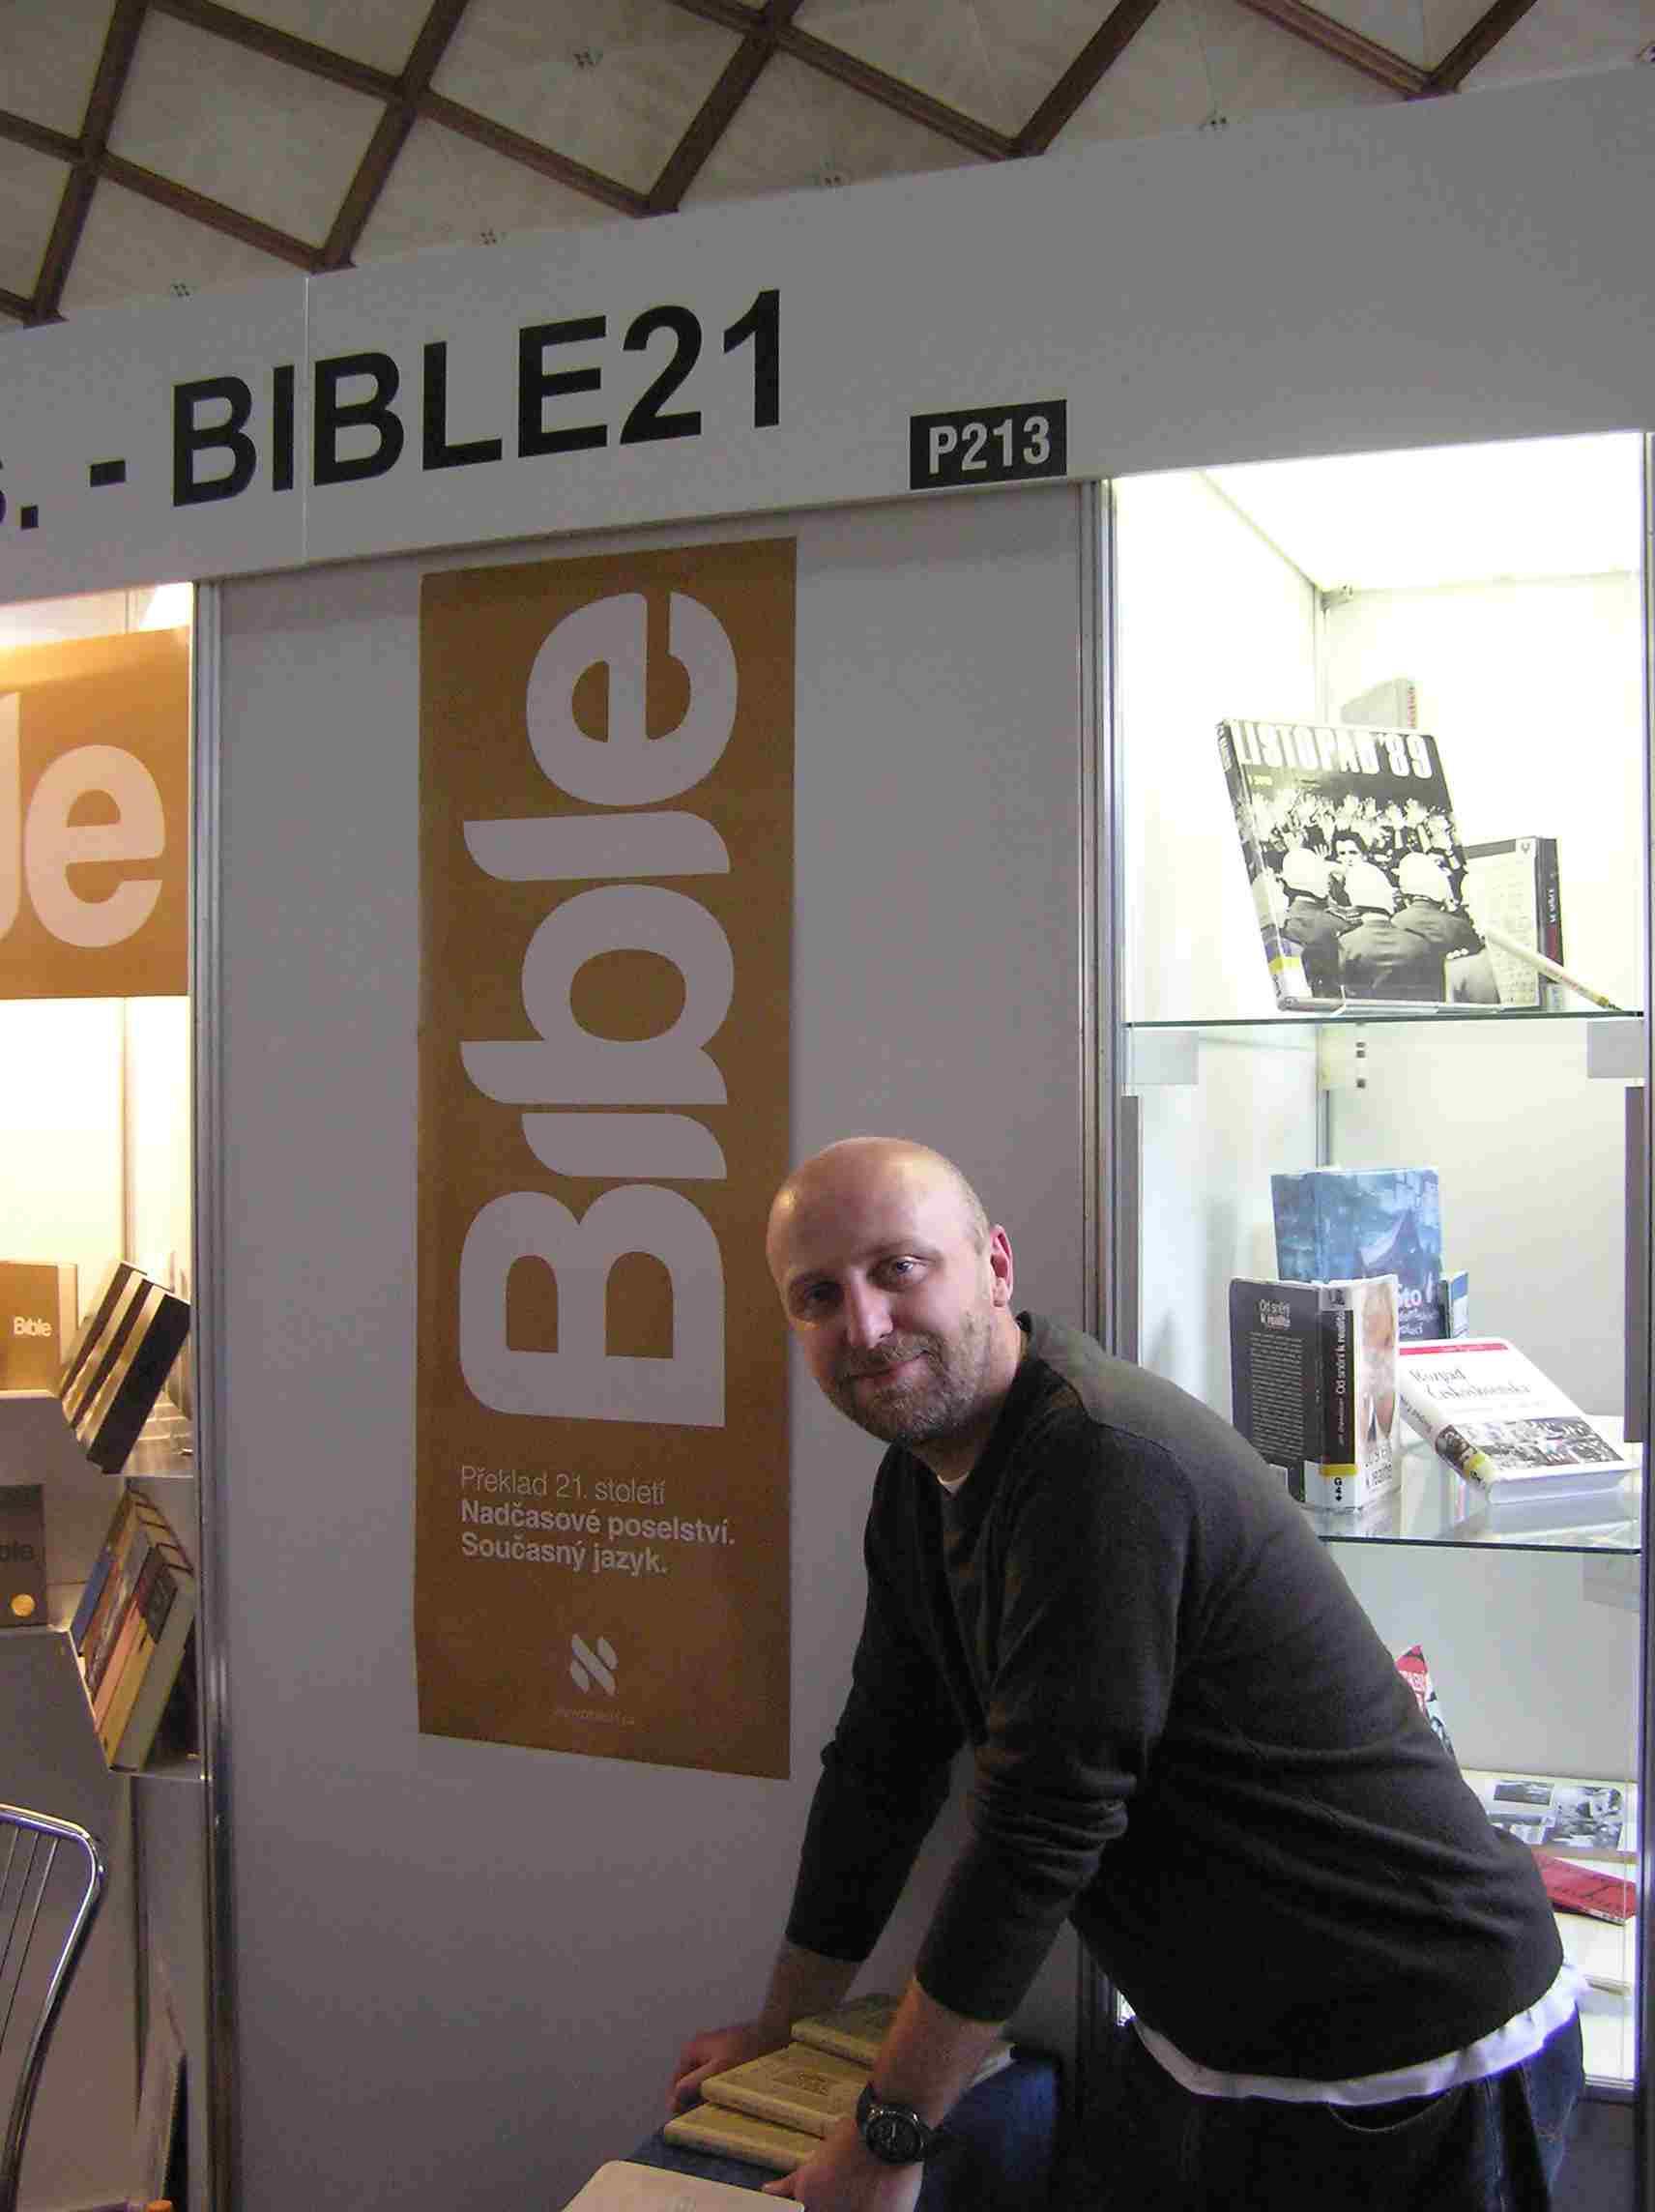 Obr. 8: Alexander Flek, pod jehož vedením vznikal mediálně i komerčně úspěšný překlad Bible 21